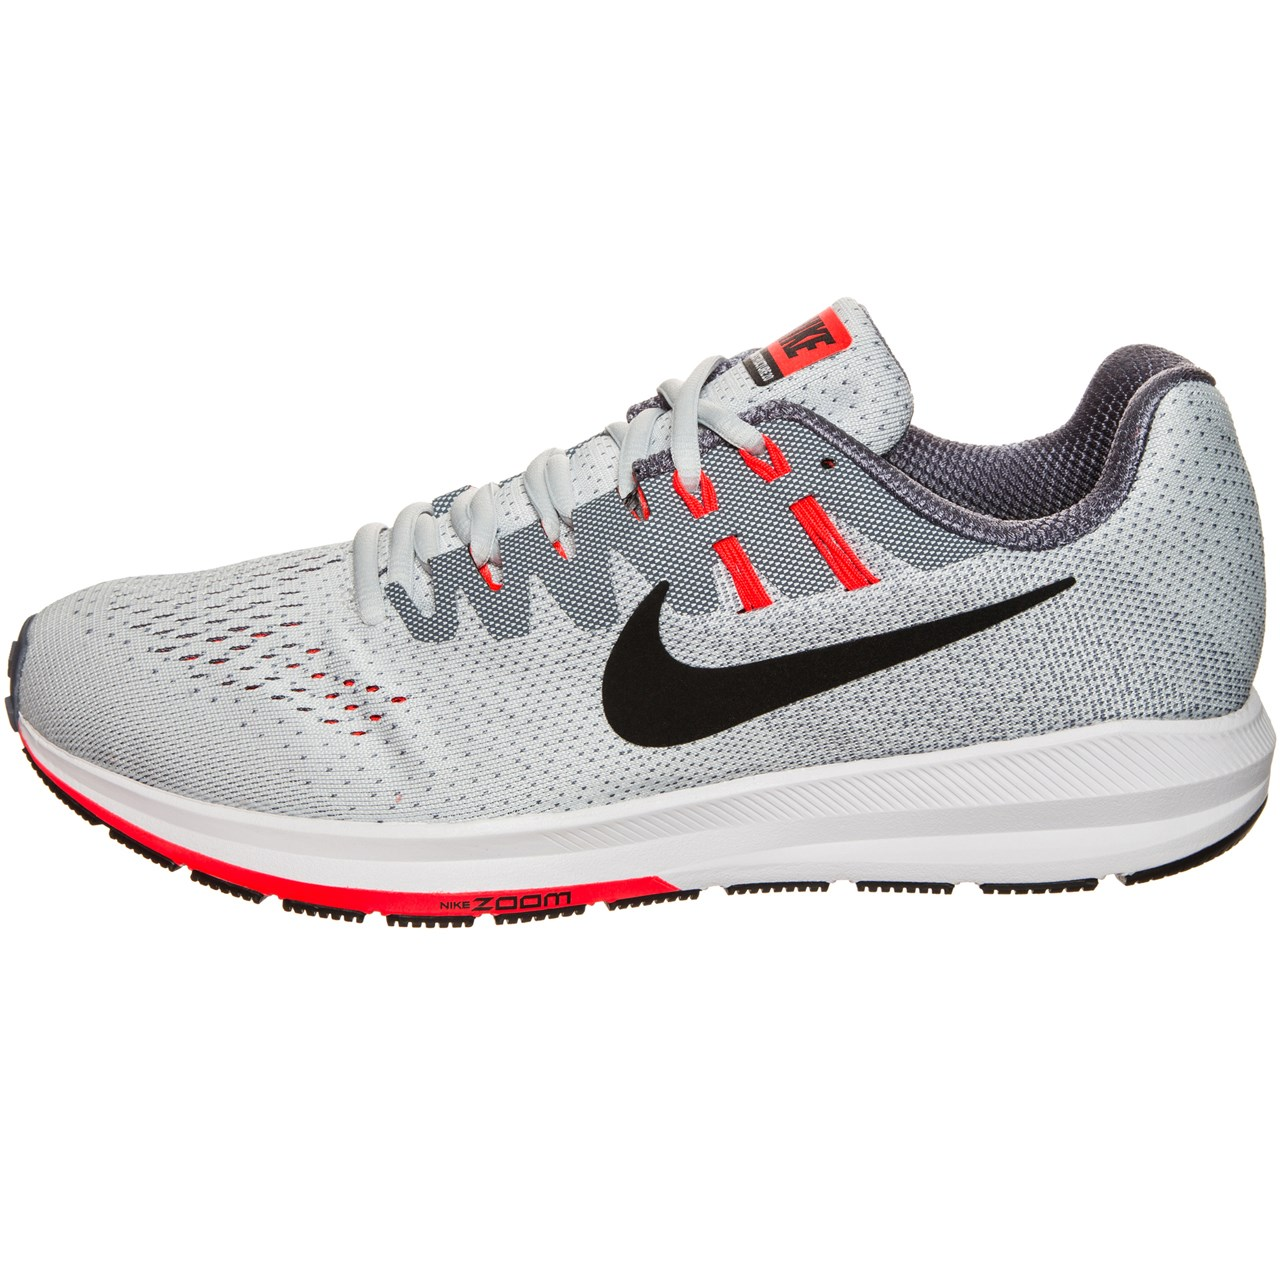 قیمت کفش مخصوص دویدن مردانه نایکی مدل Air Zoom Structure 20